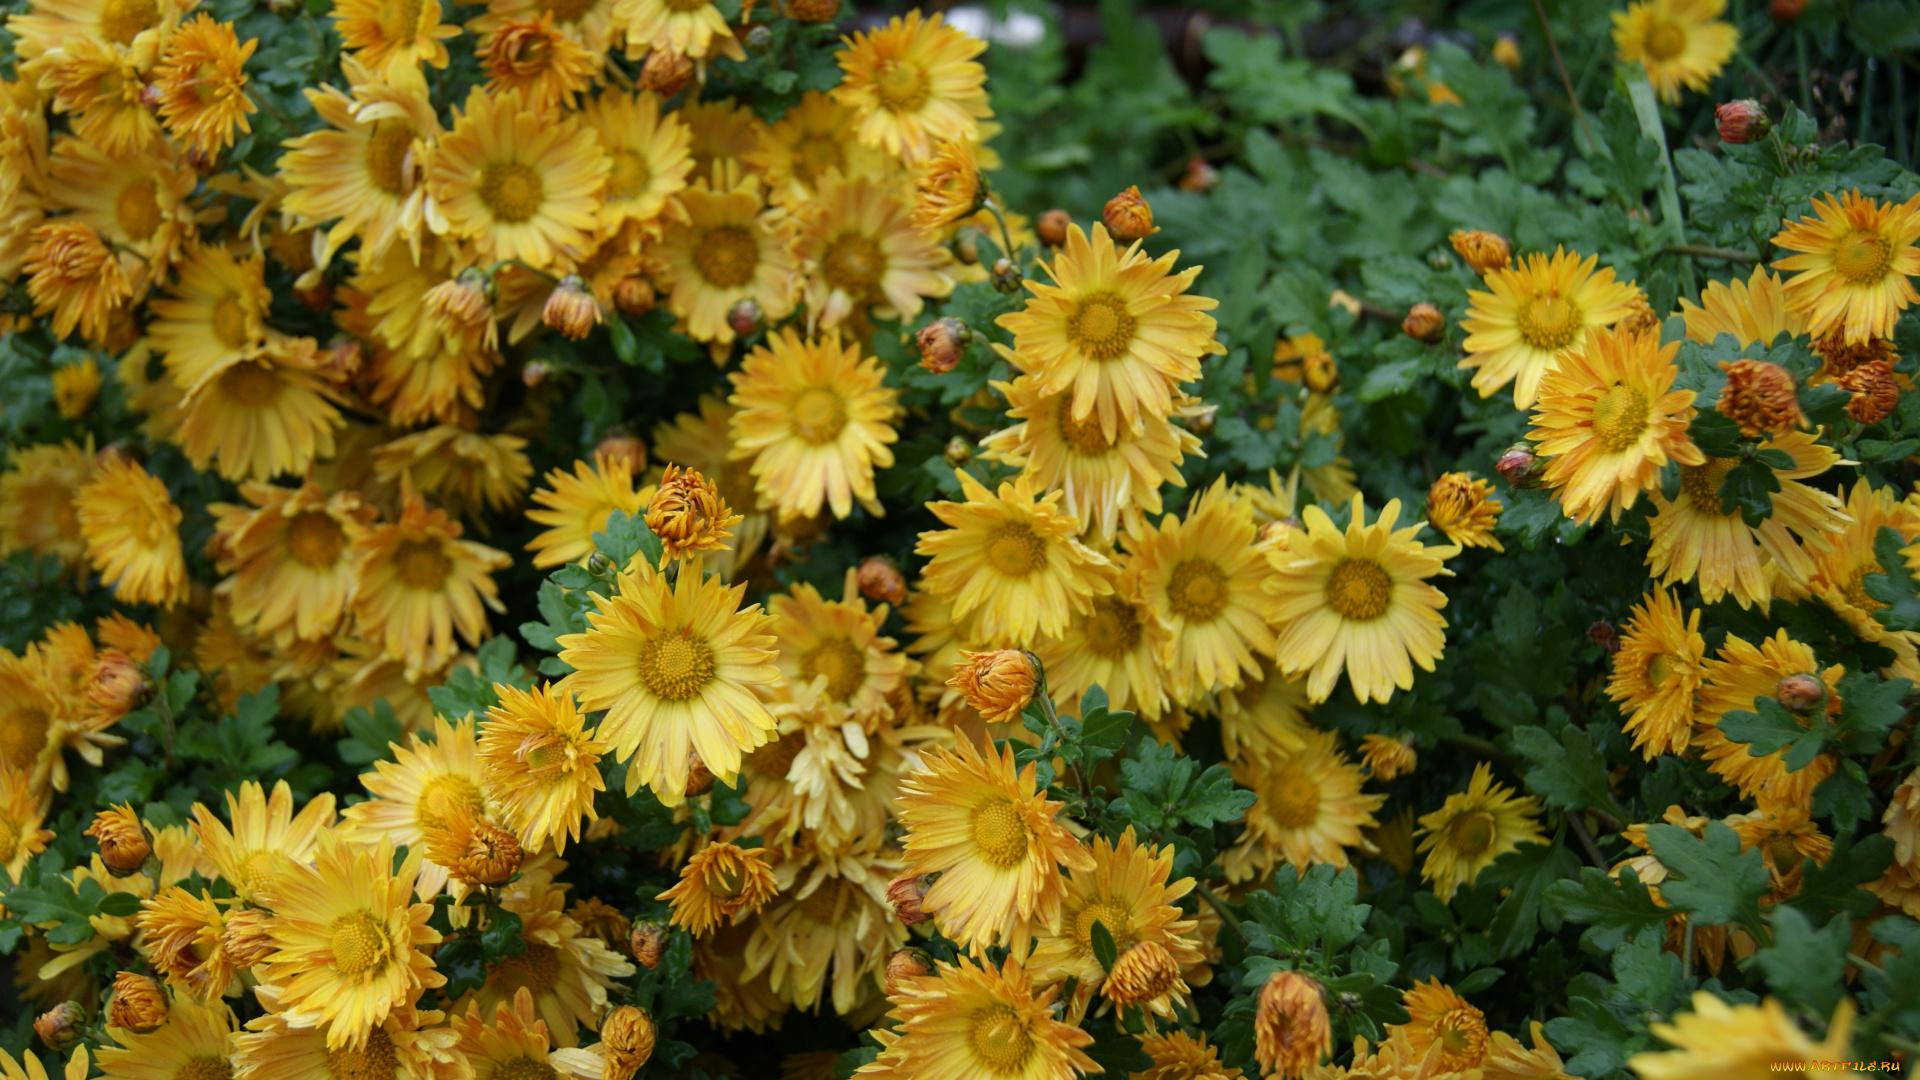 природа цветы Хризантема бесплатно